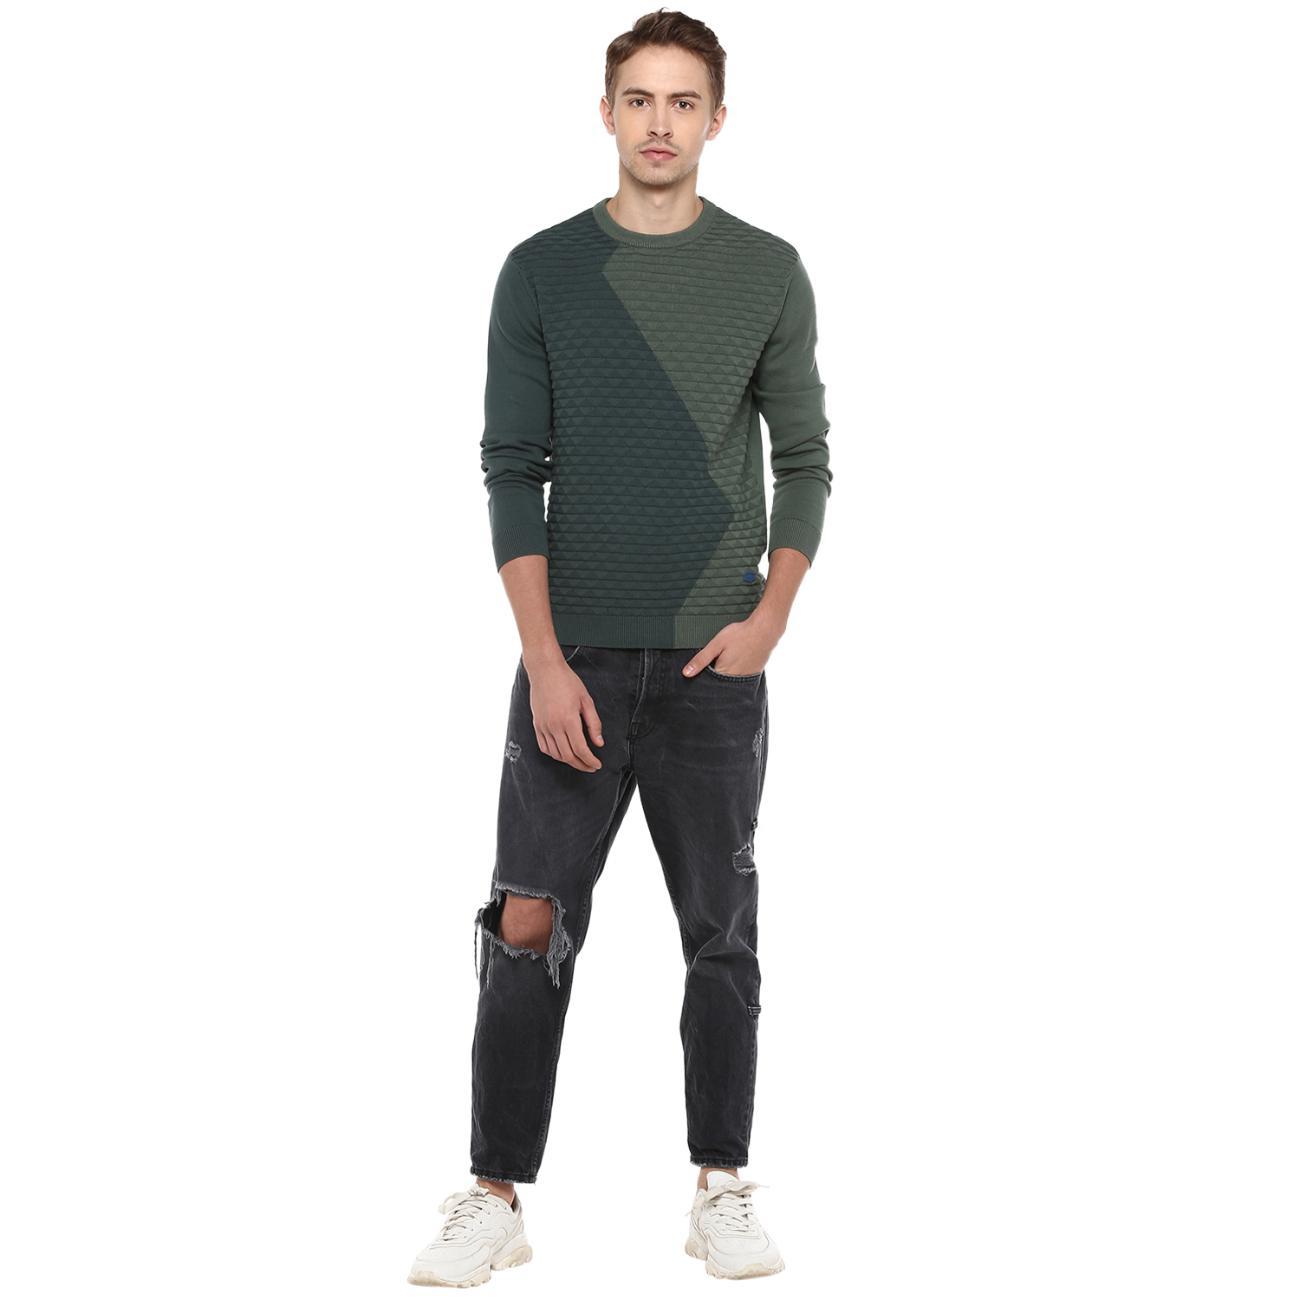 Online Green Colourblocked Sweater for Men